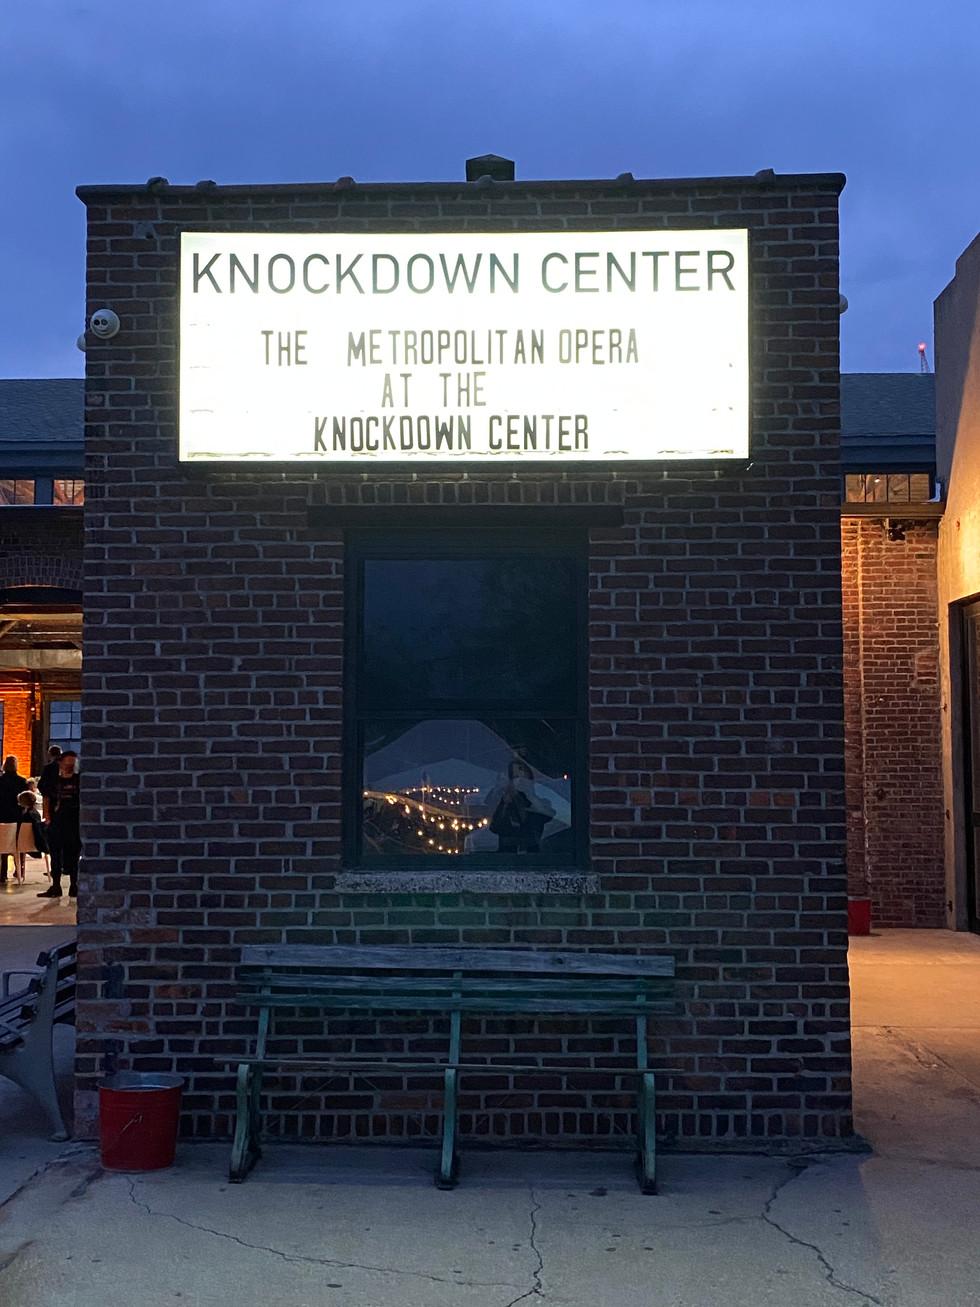 Knockdown Center